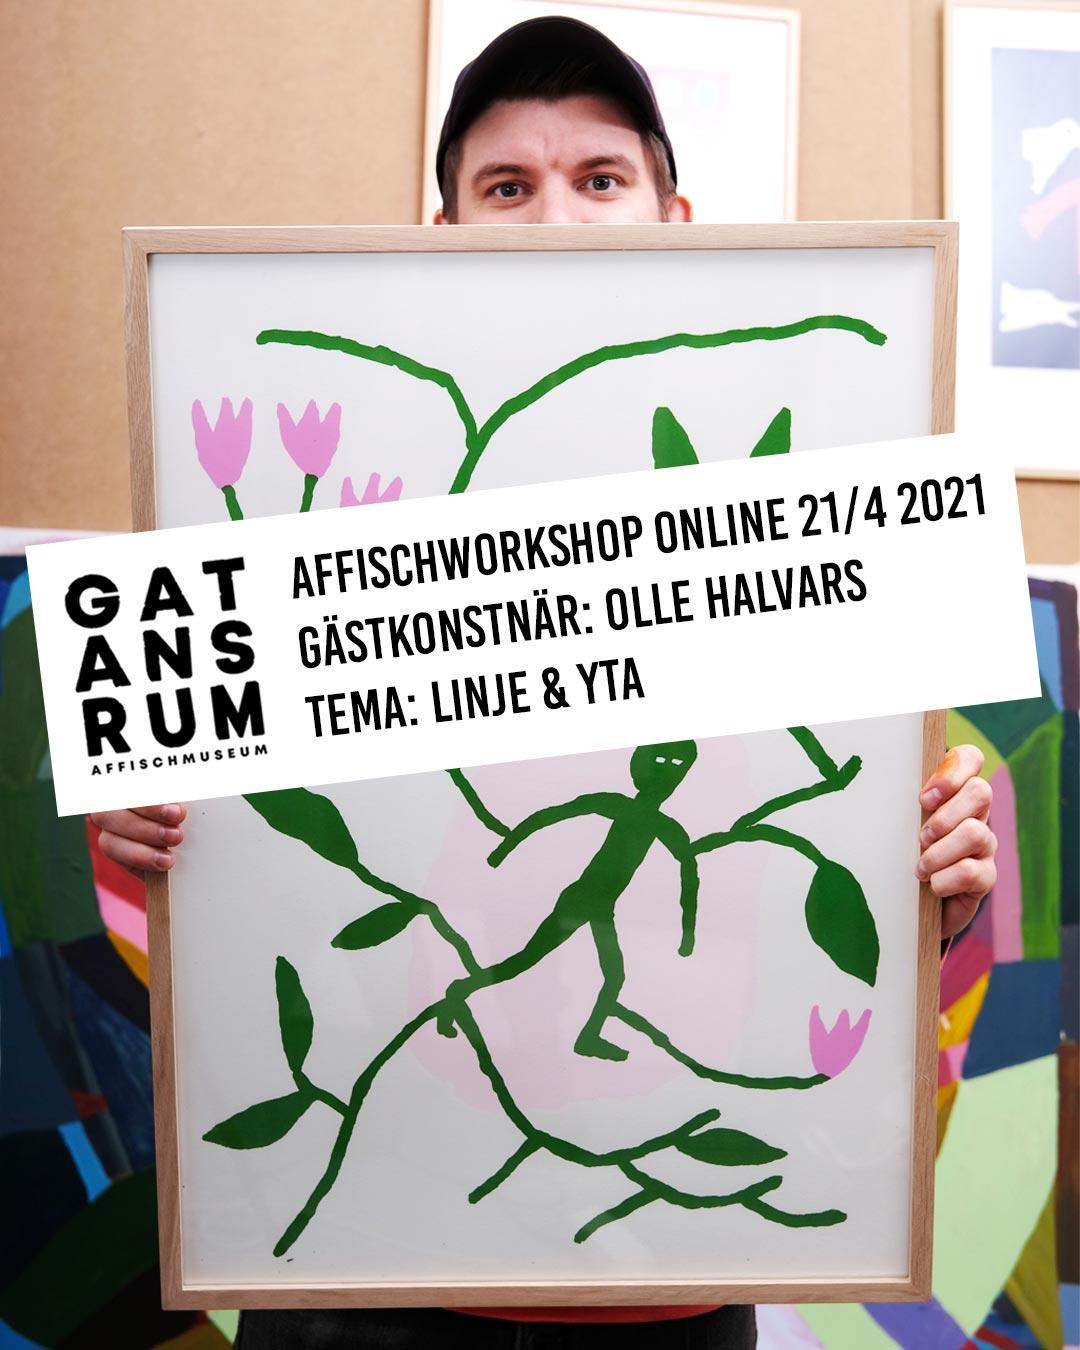 Affischworkshop online med Gatans Rum & Olle Halvars 21/4 2021